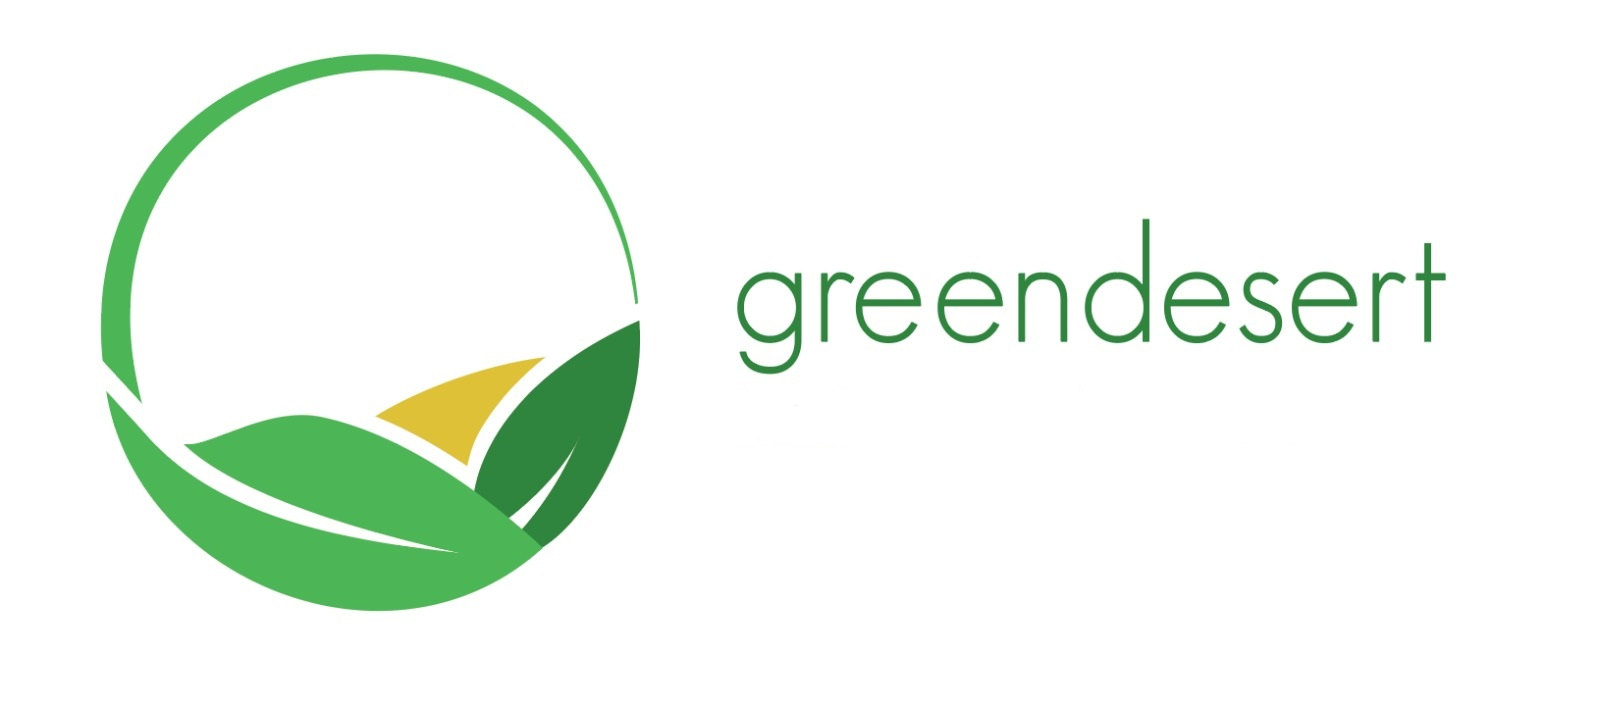 Greendesert